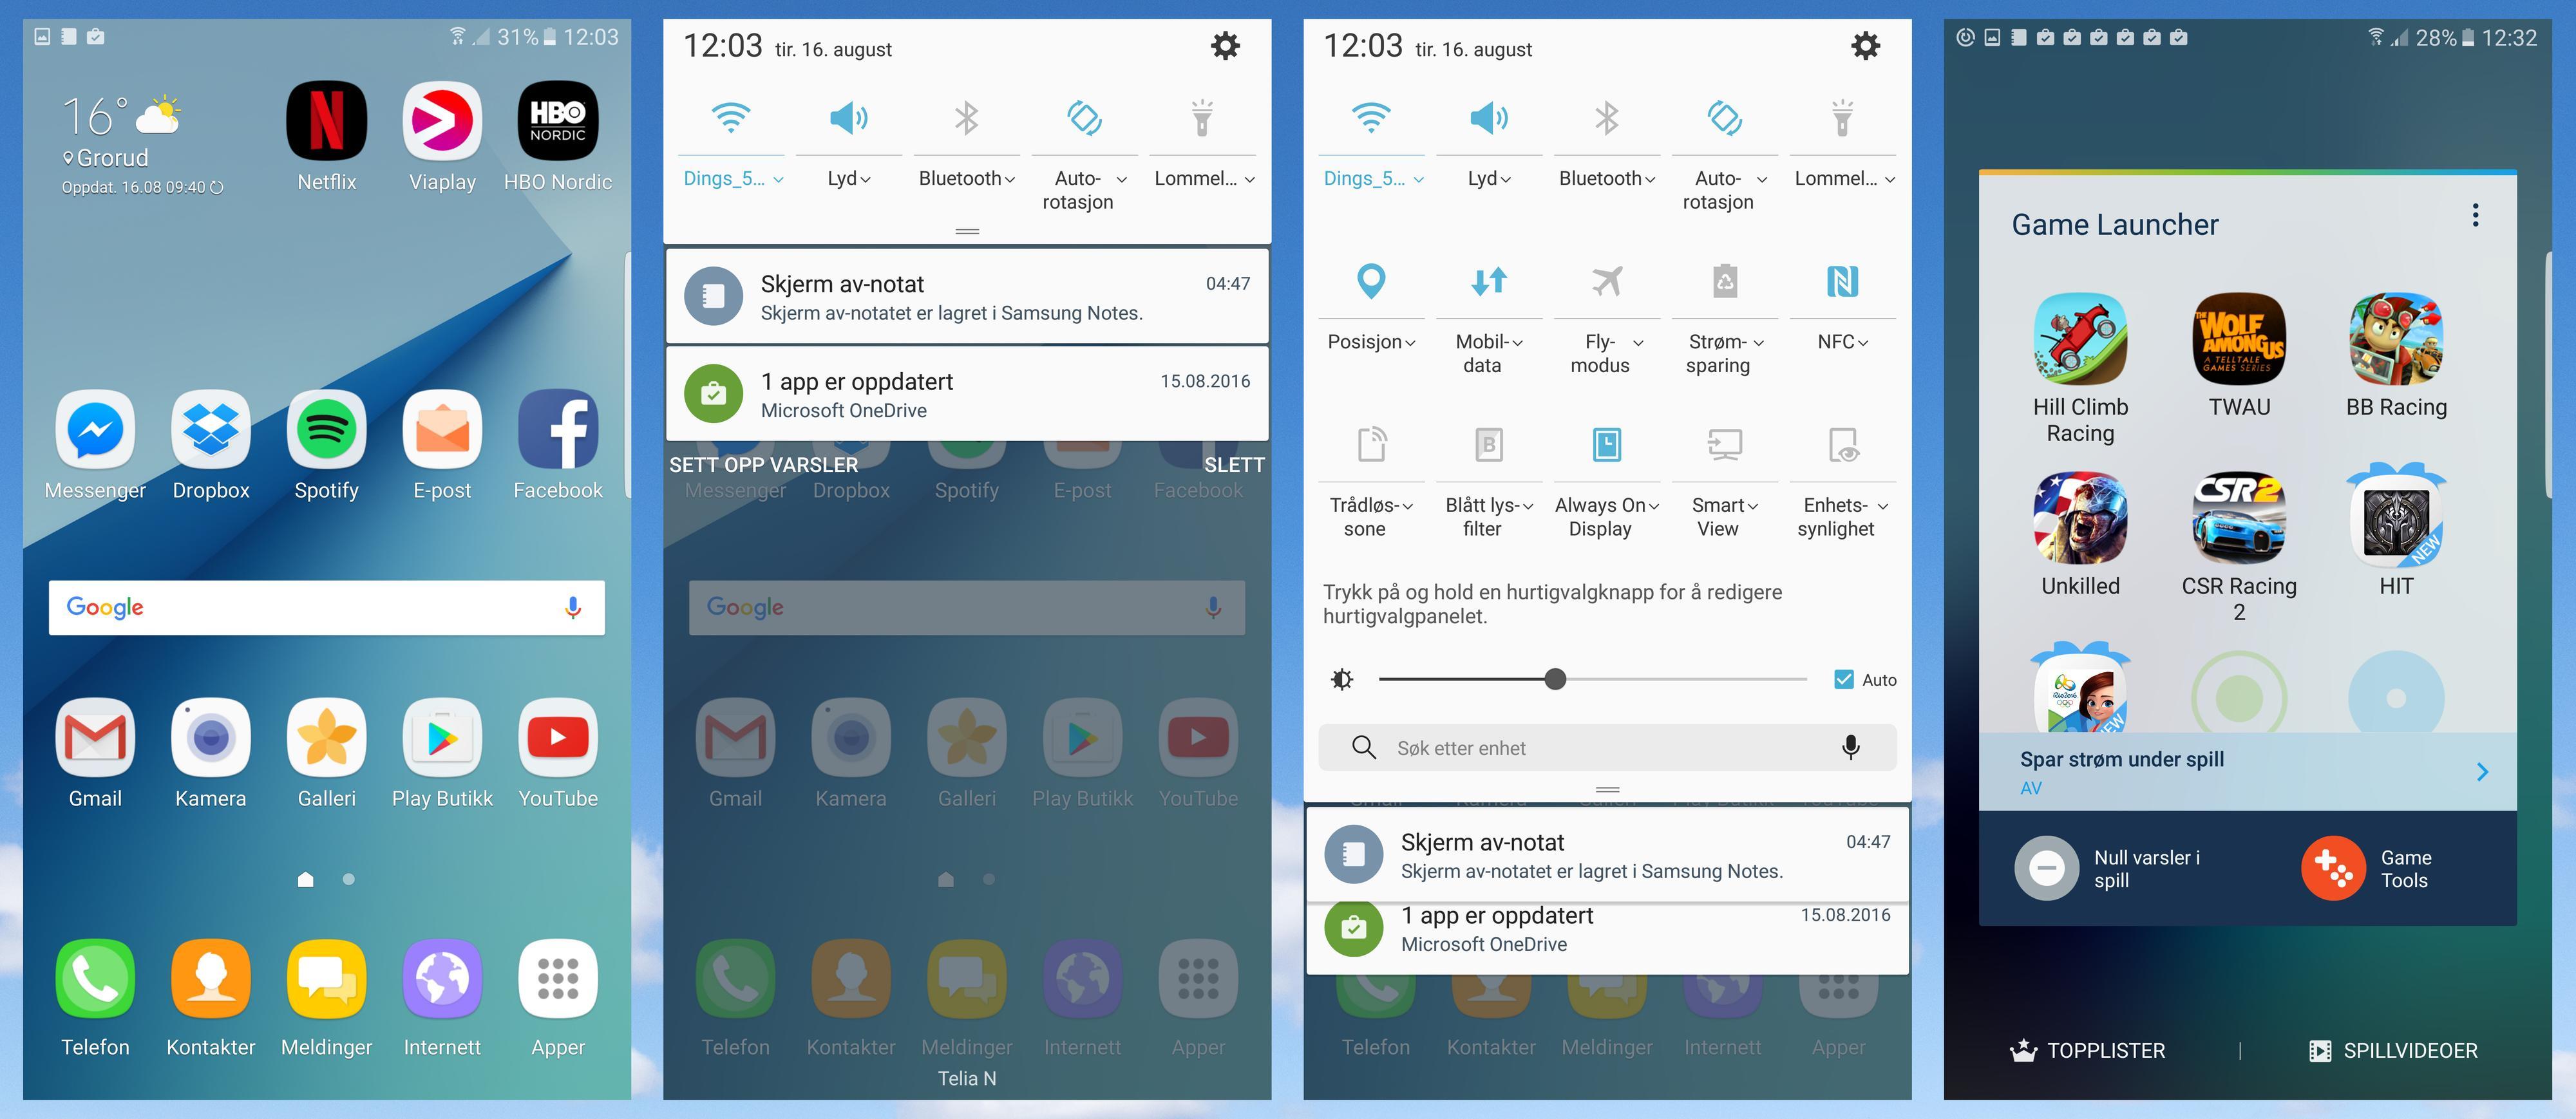 Touch Wiz har blitt delvis fornyet i denne omgangen. Det merkes på nedtrekksmenyen og innstillingsmenyen. Samtidig er det mye som er med oss videre fra Galaxy S7, så som spillsenteret som kan skru av varslinger når du prøver å slå toppskåren din.